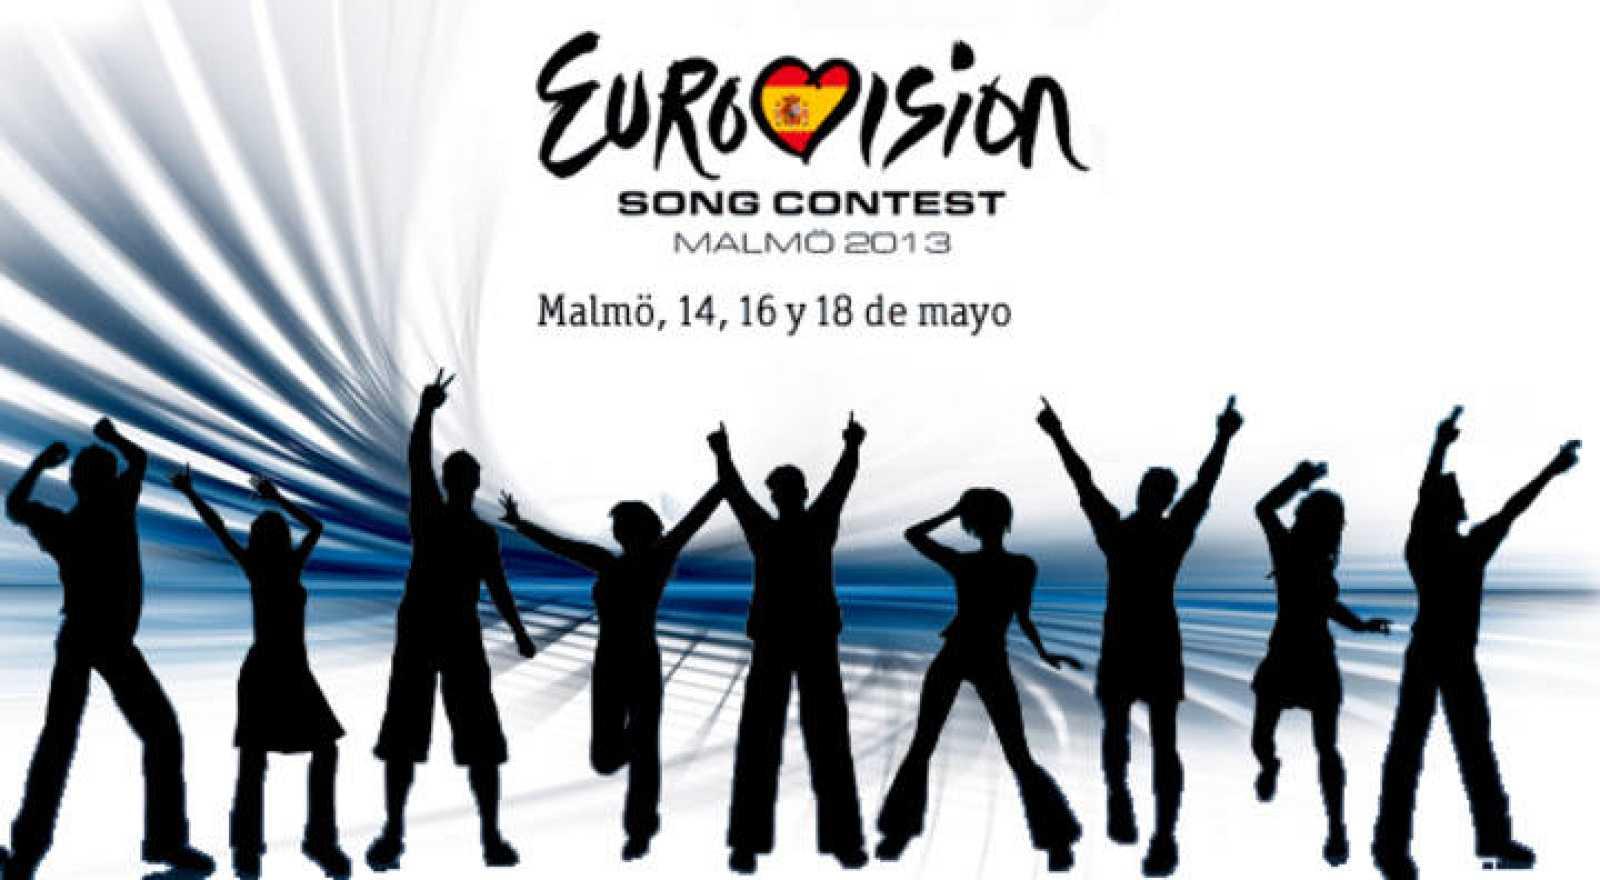 ¿Quién será el/la representante de España en Eurovisión 2013?